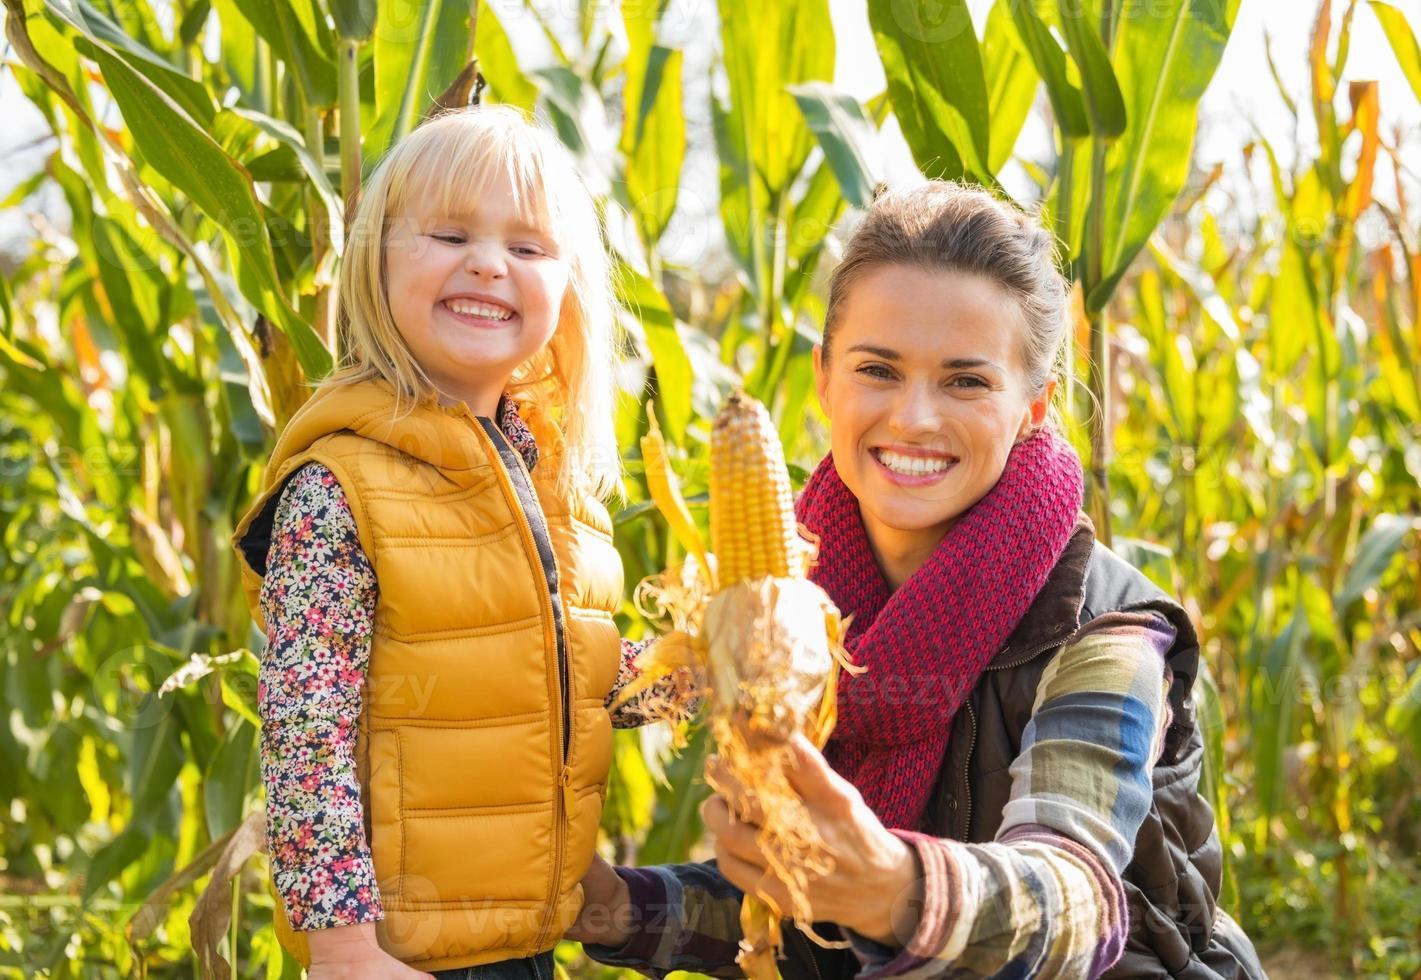 felice madre e figlio mostrando mais mentre nel campo di mais foto